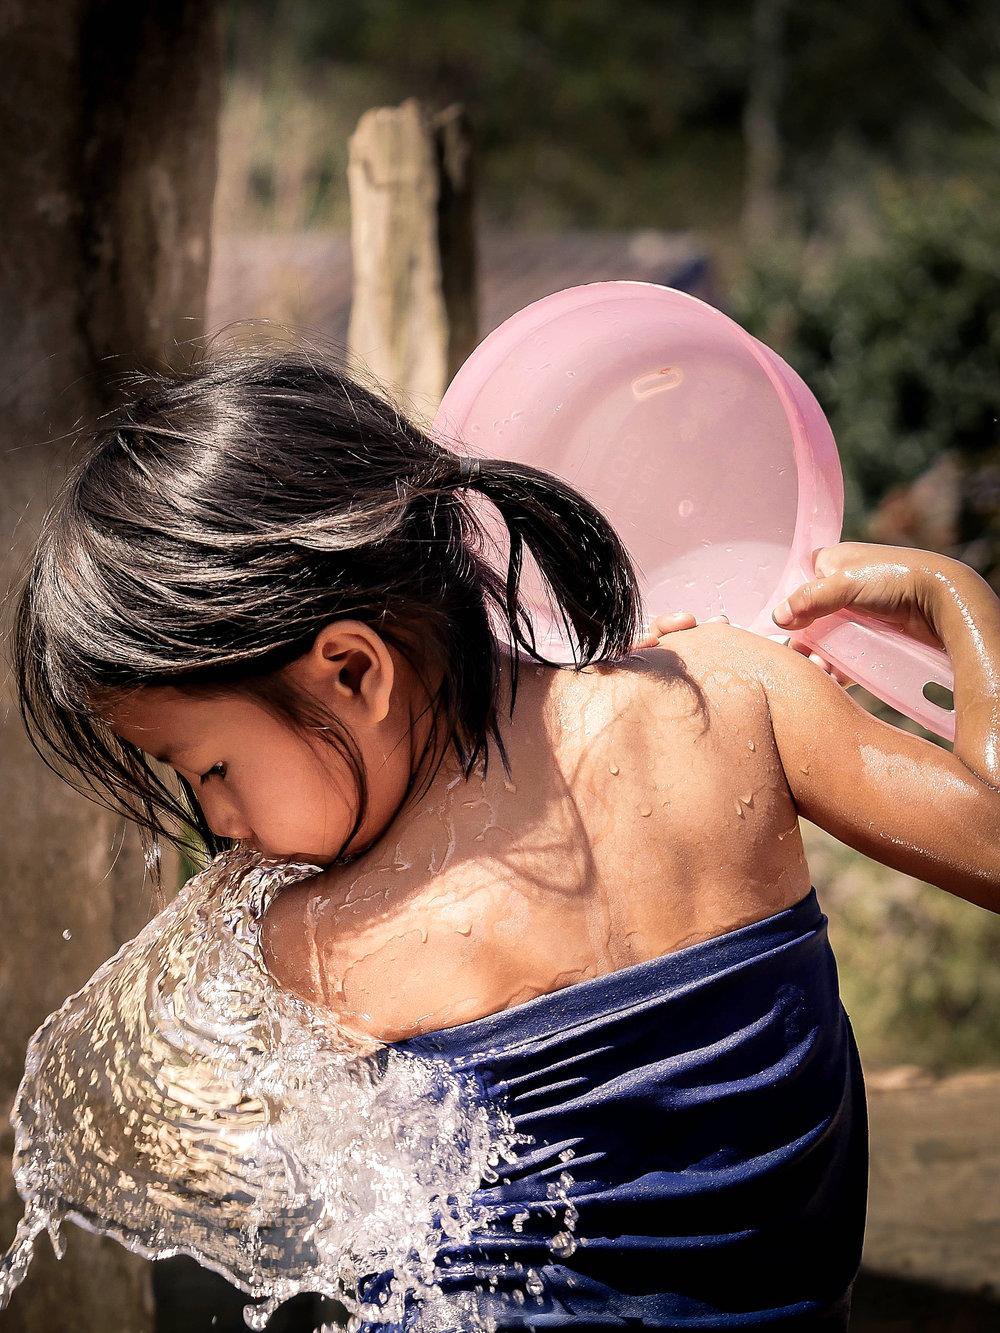 Laos-Photo-by-Seng-Yang-P9330094.jpg